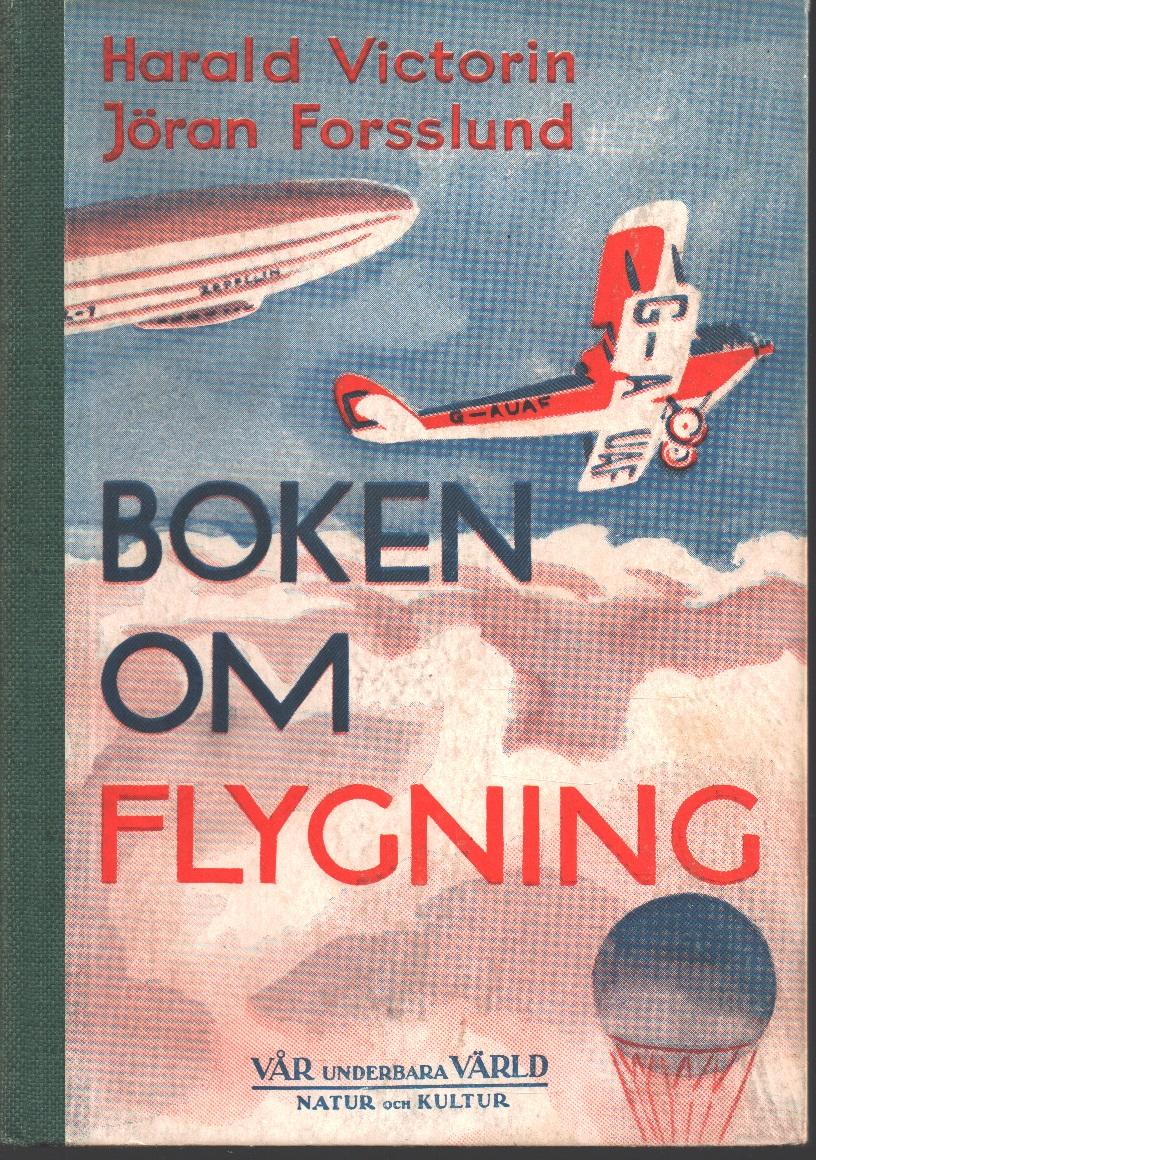 Boken om flygning - Victorin, Harald Och Forsslund, Jöran